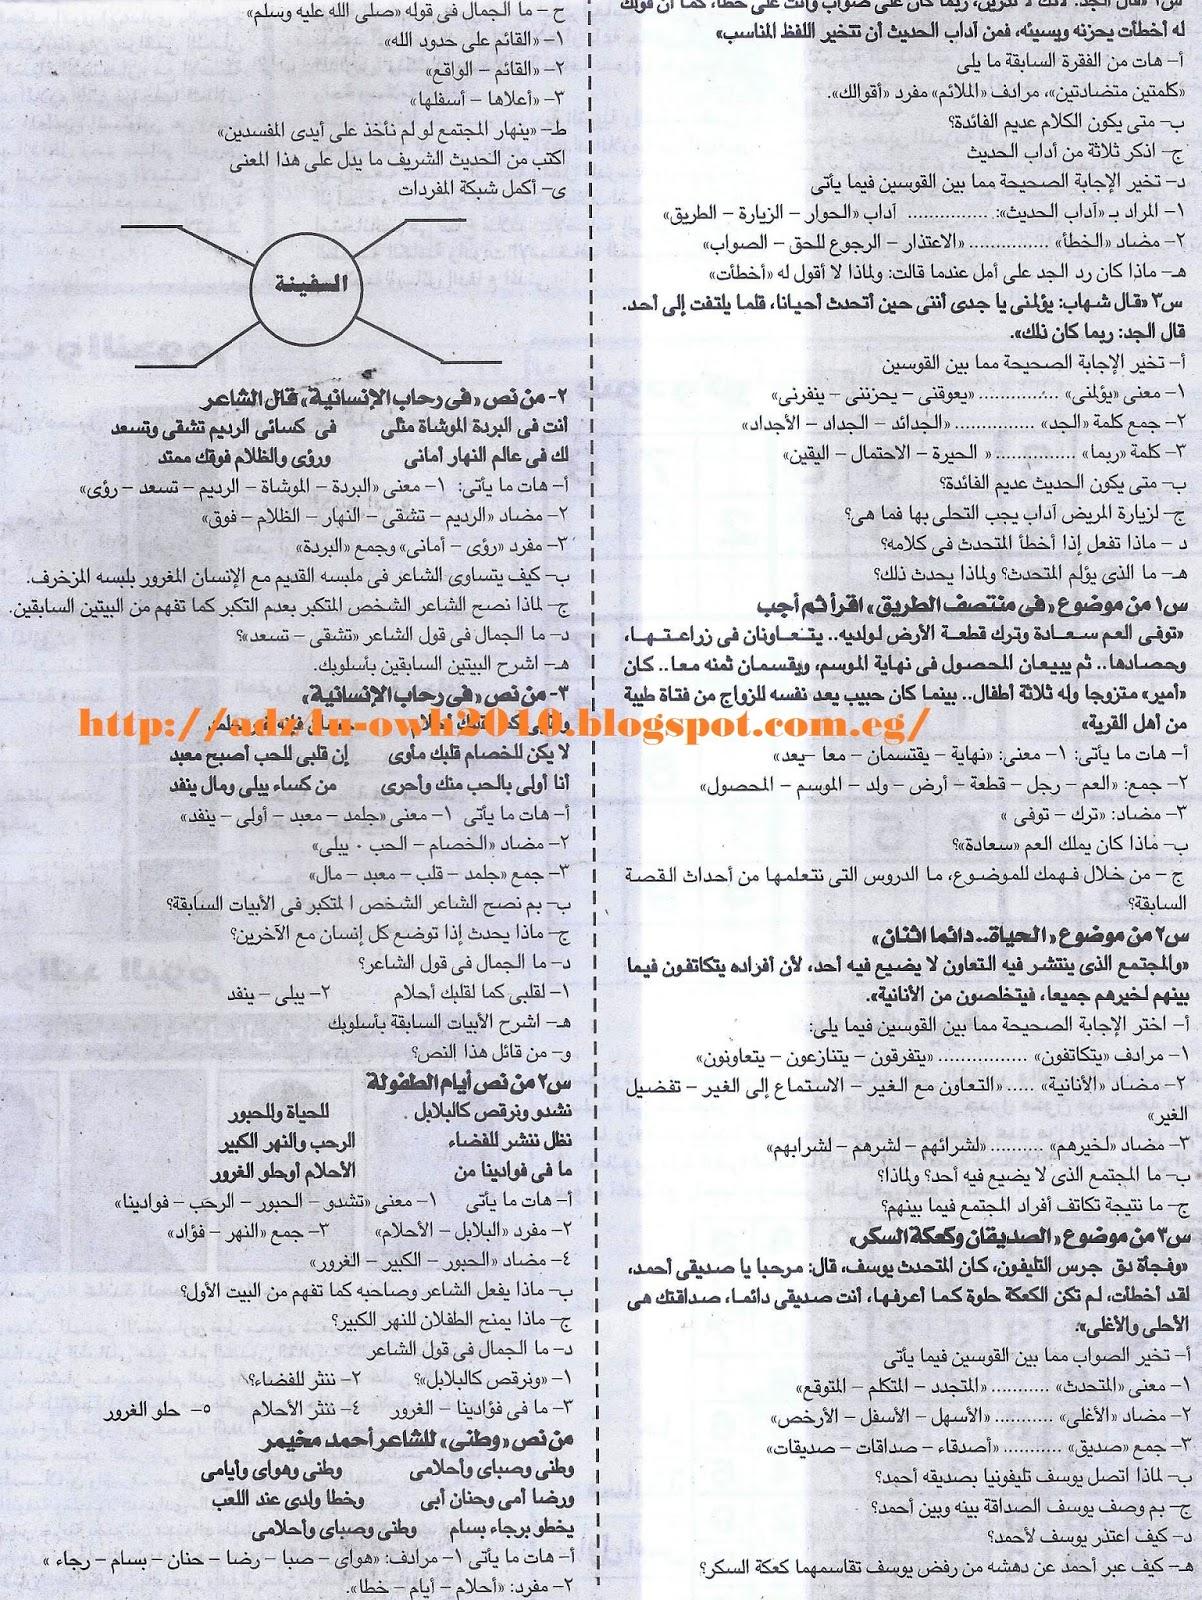 مراجعة لغة عربية مهمة للصف السادس الابتدائي ترم ثاني.. ملحق الجمهورية 2017 Scan0001